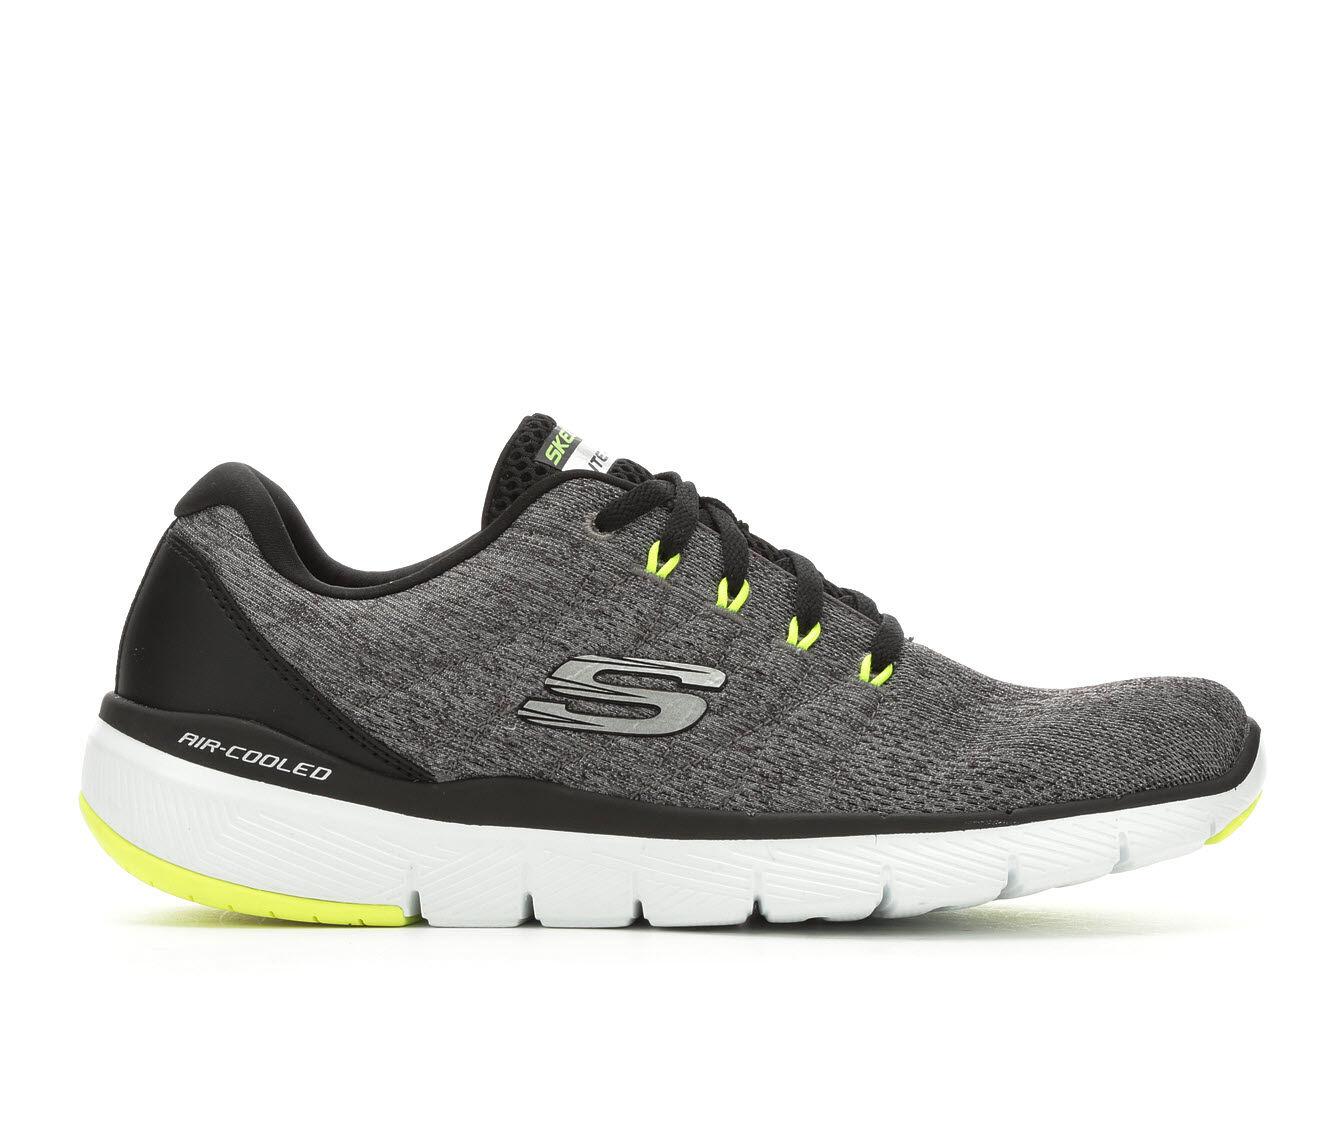 Men's Skechers Stally 52957 Running Shoes Gy/Bk/Vt/W